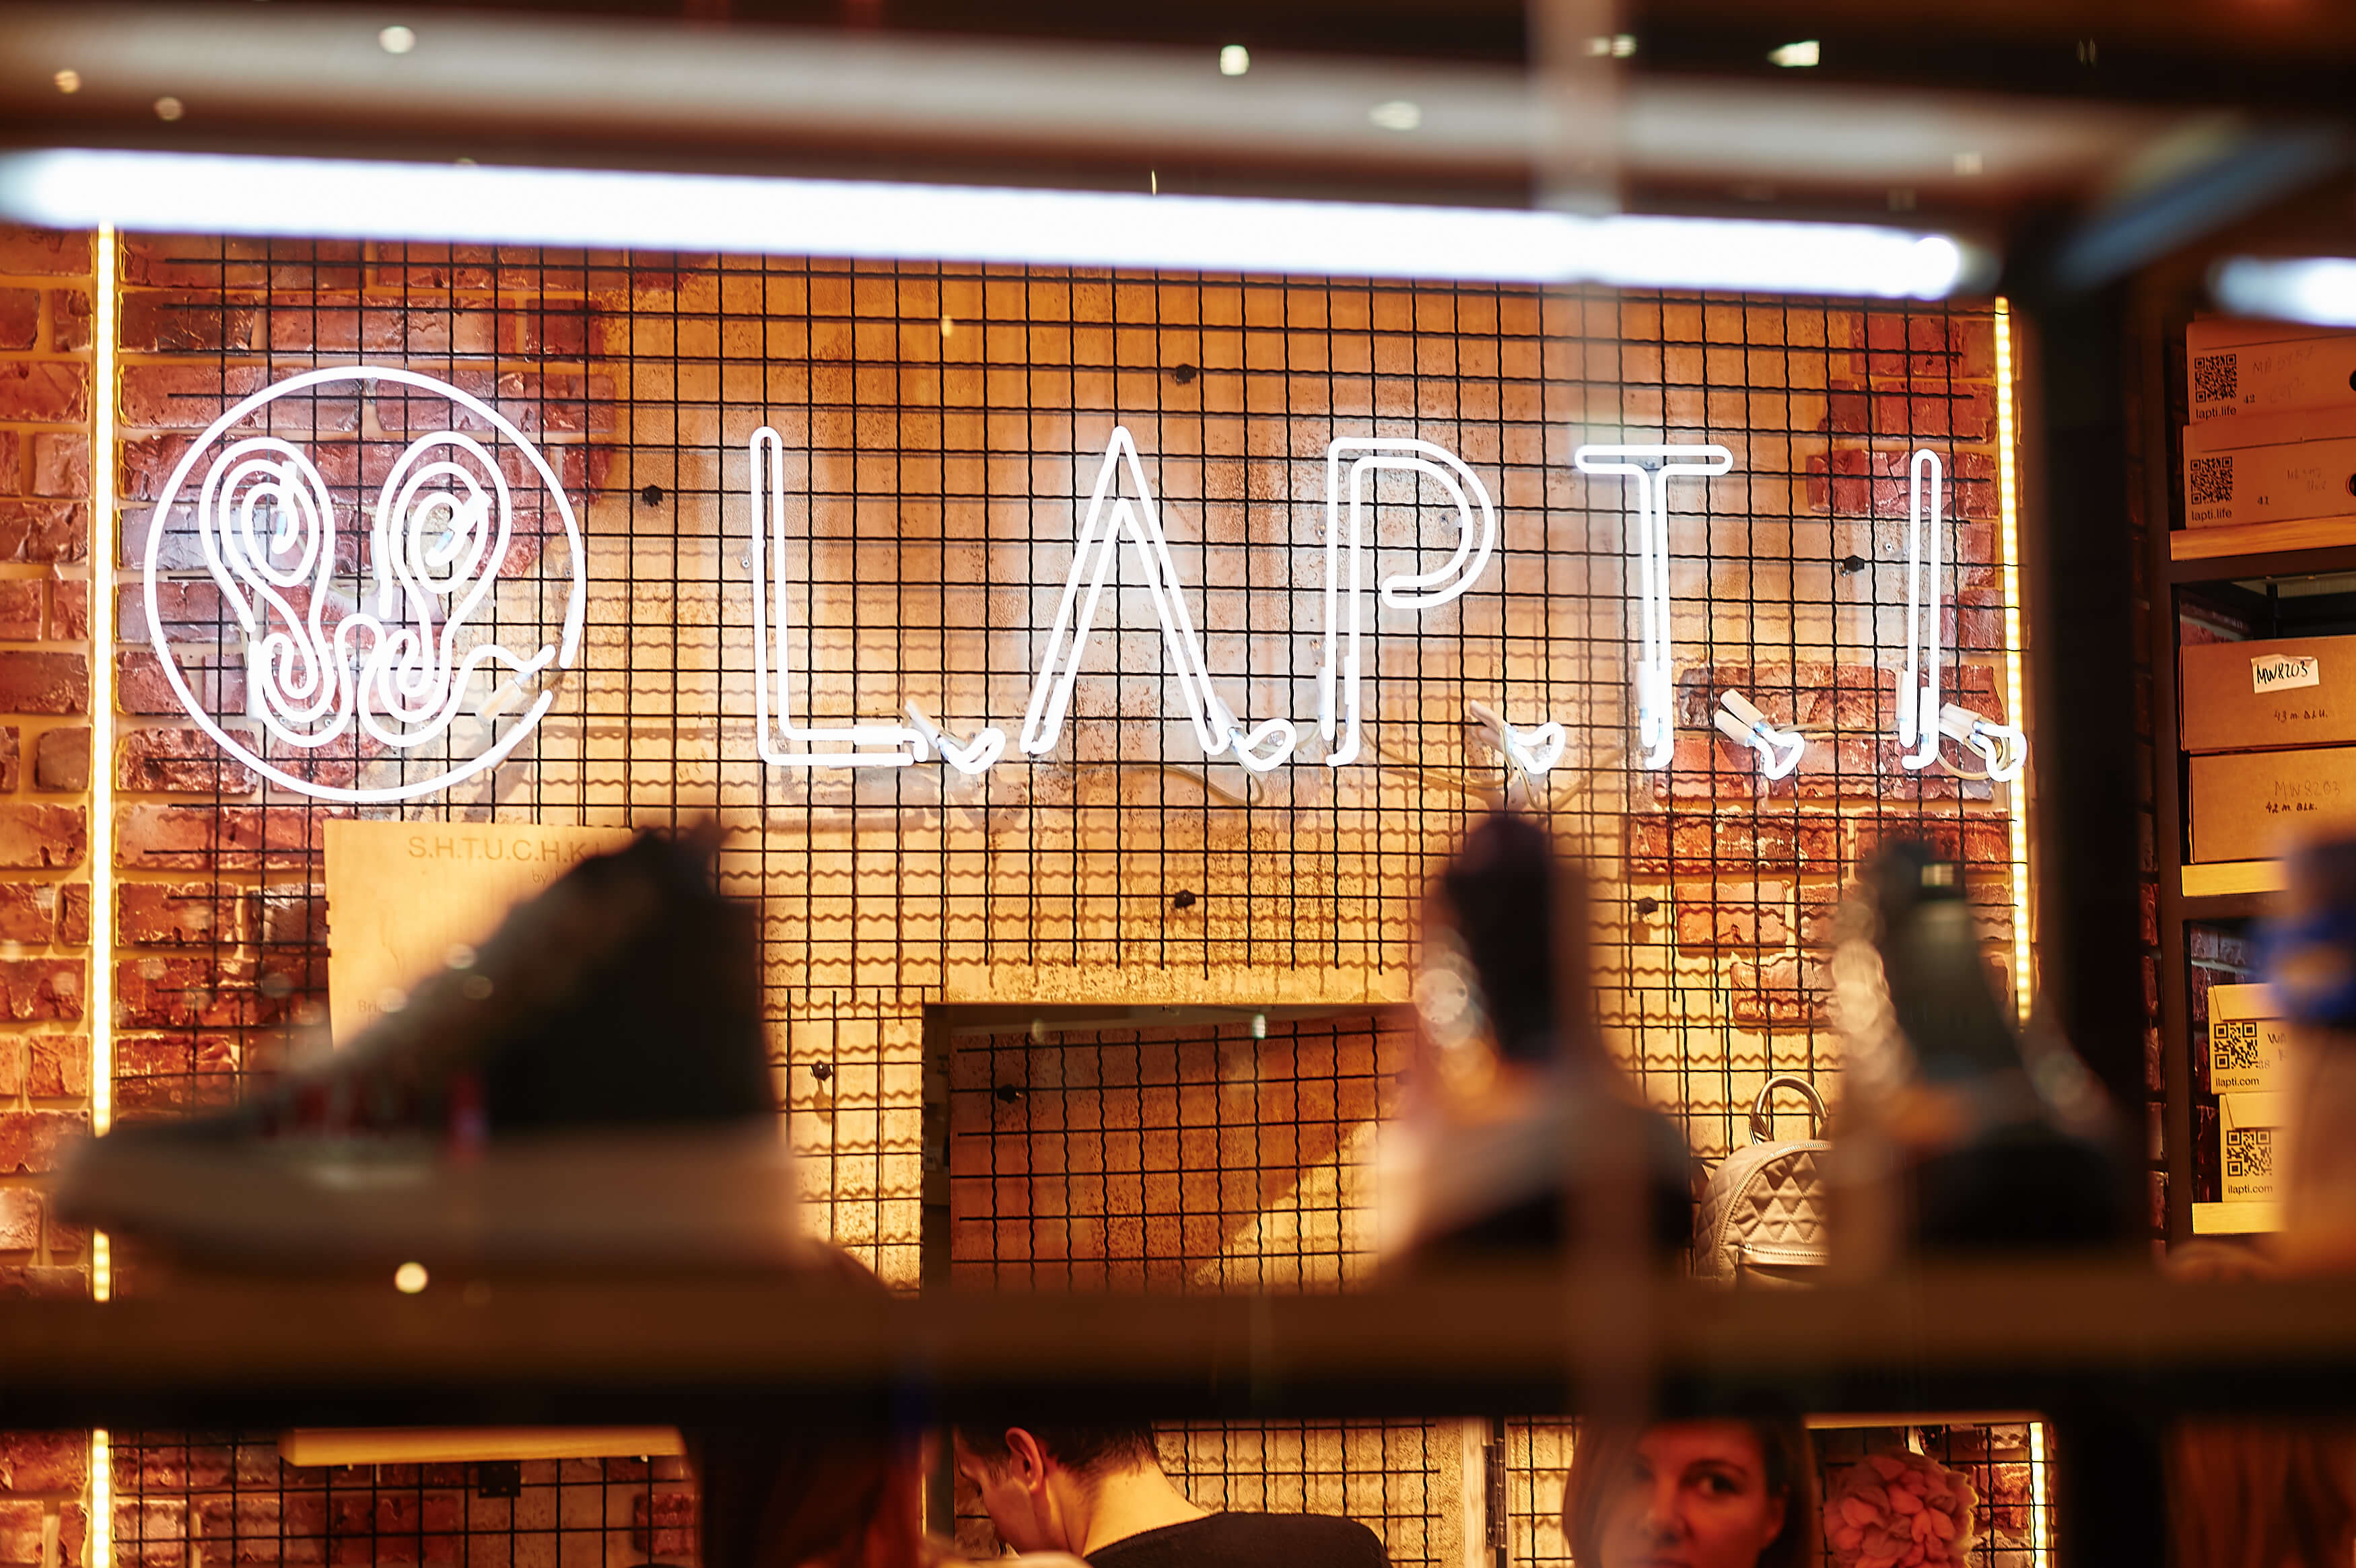 Новое место: в Киеве открылся первый магазин L.A.P.T.I.-320x180